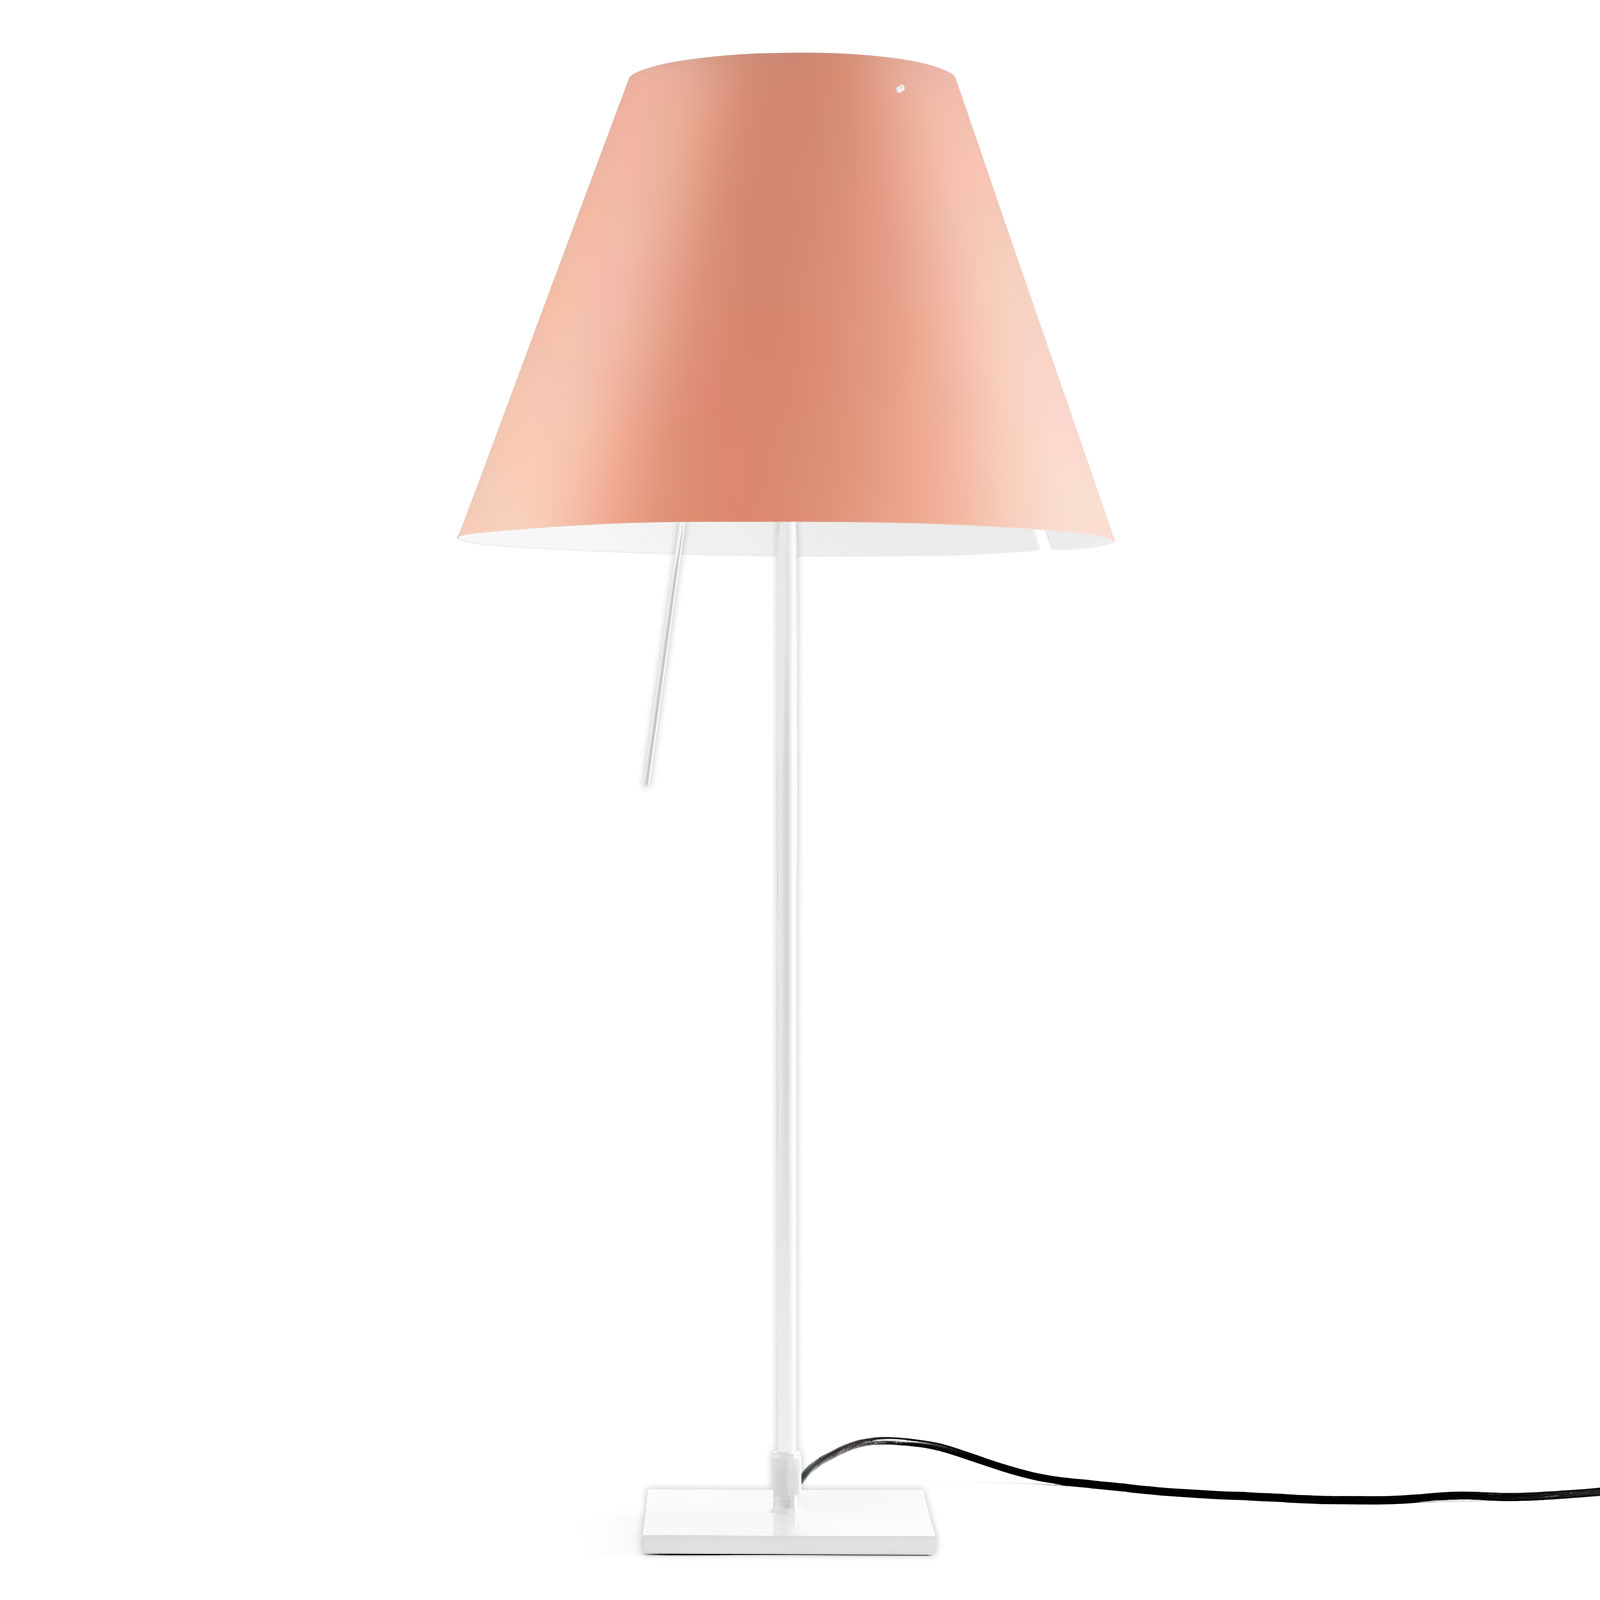 Luceplan Costanza Tischlampe D13if weiß/rosa